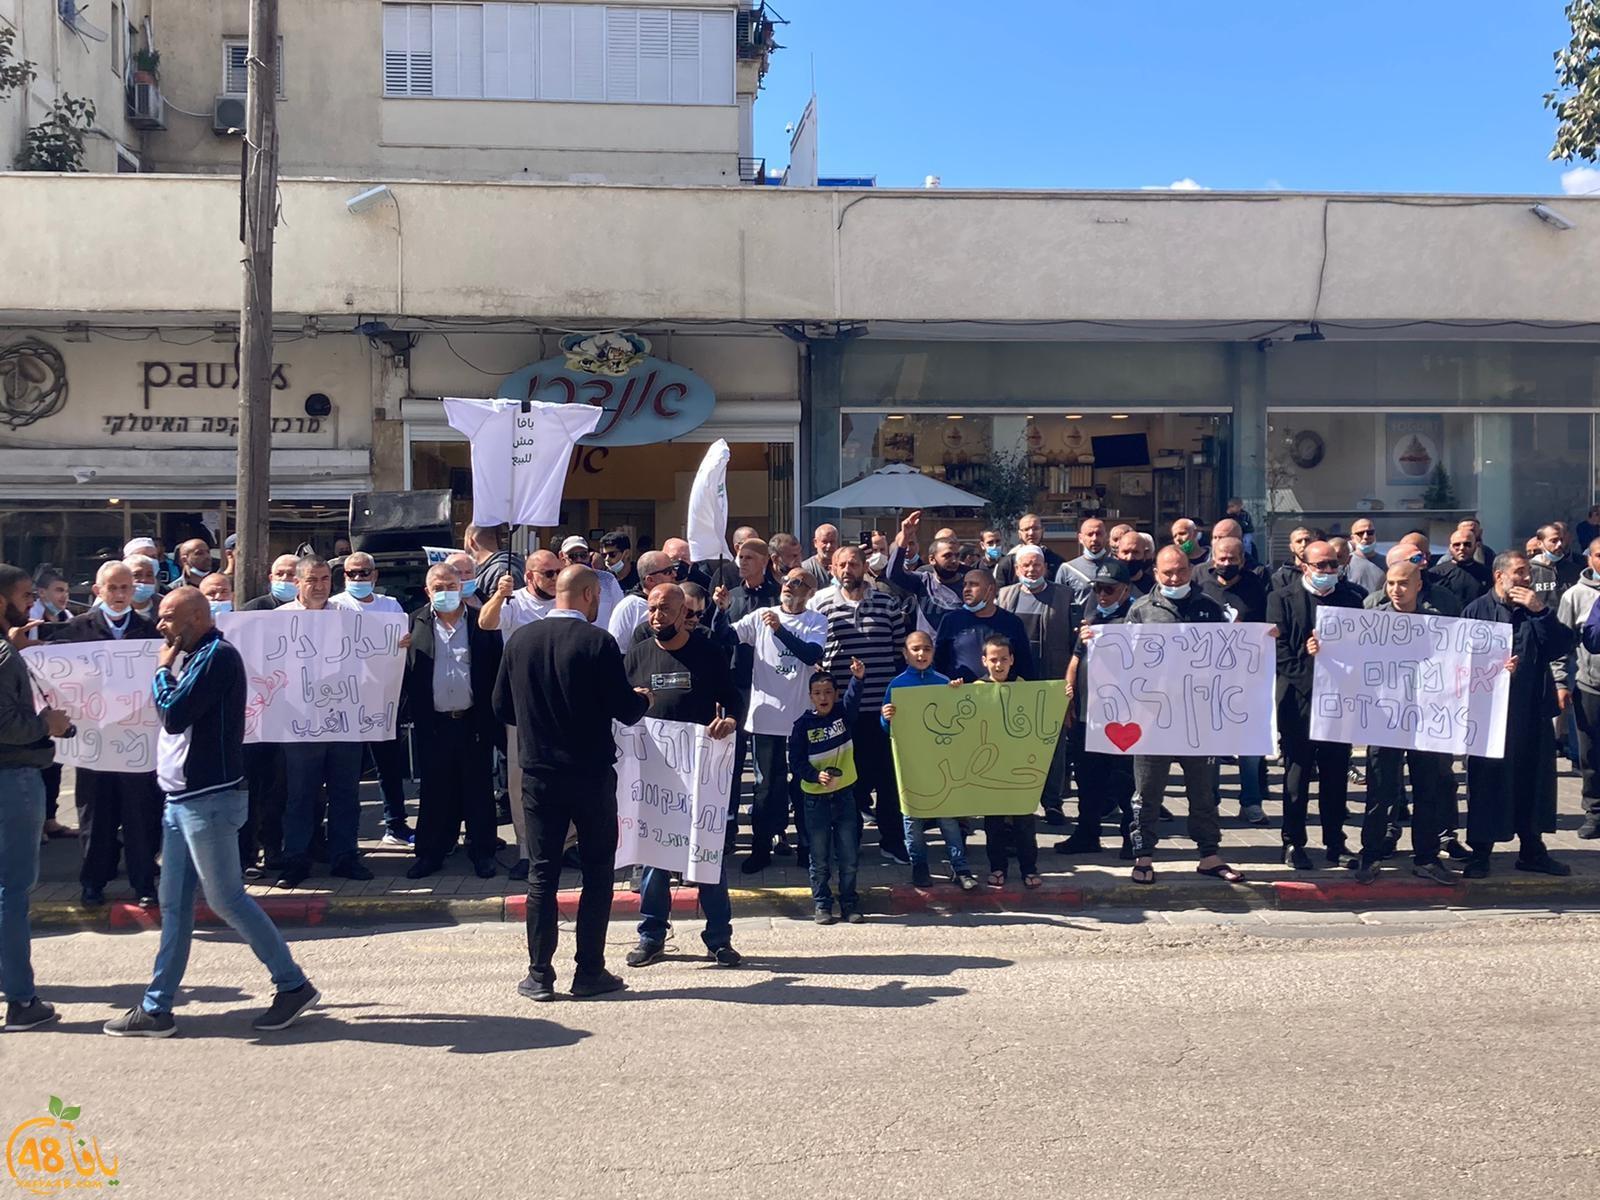 للأسبوع الثاني على التوالي - تظاهرة لأهالي يافا ضد بيع المدينة بالمزاد العلني